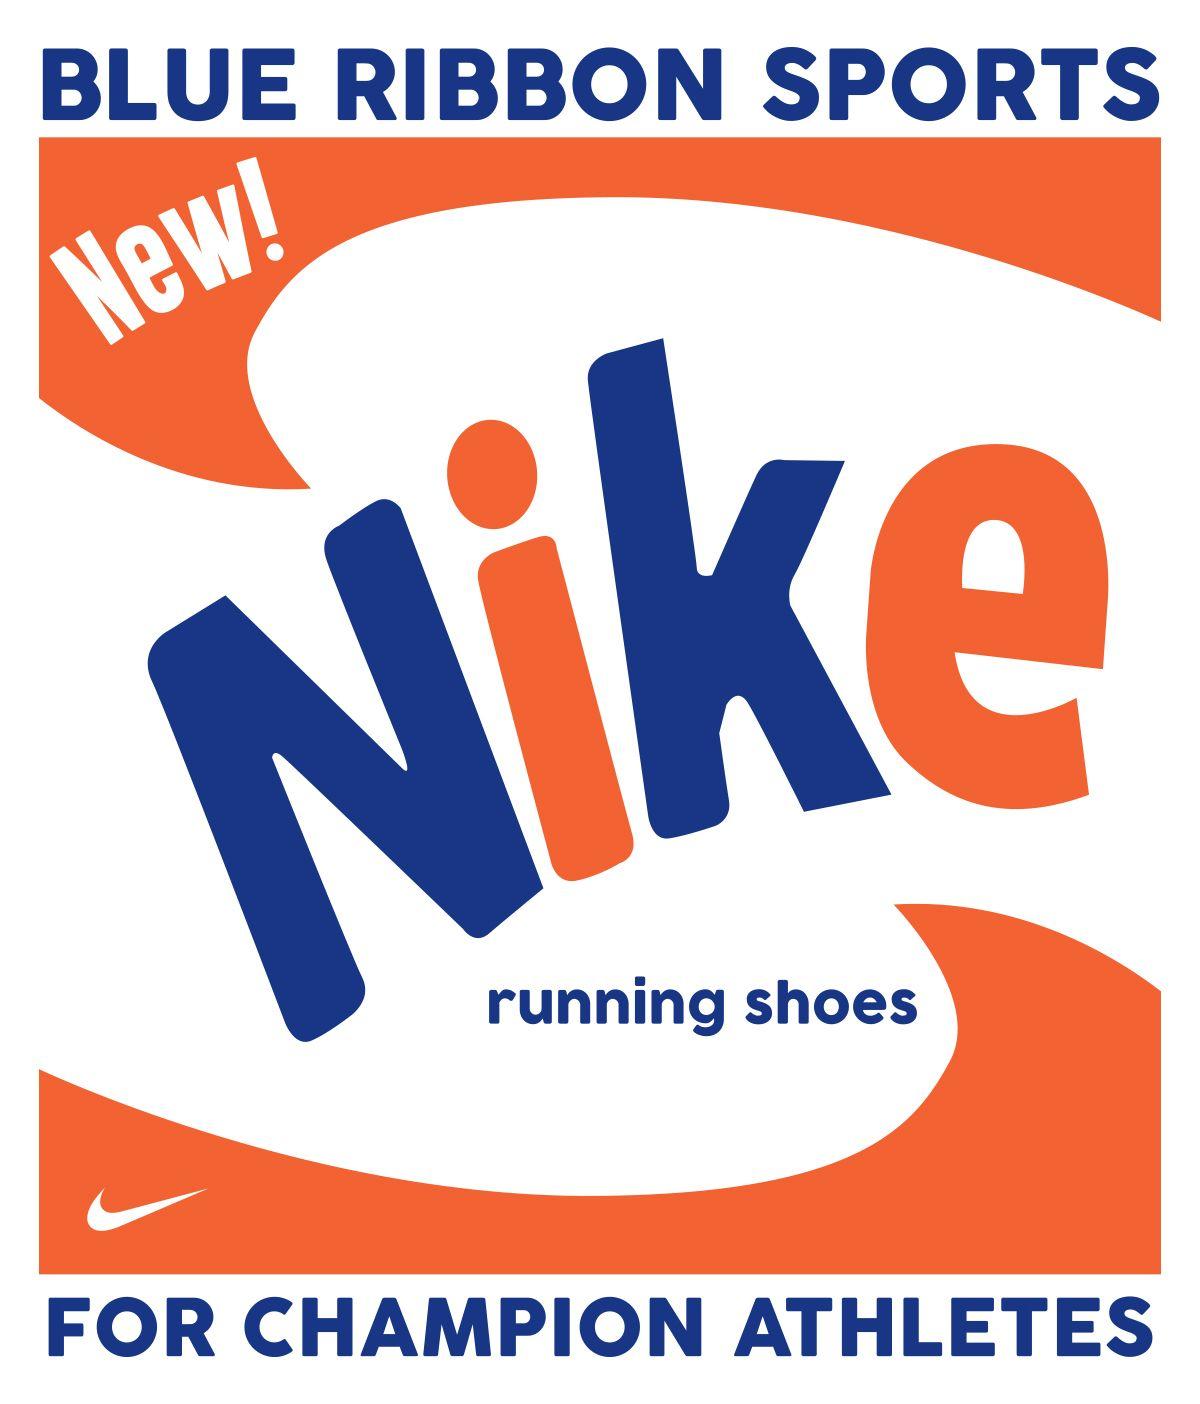 Nike Blue Ribbon Shoes